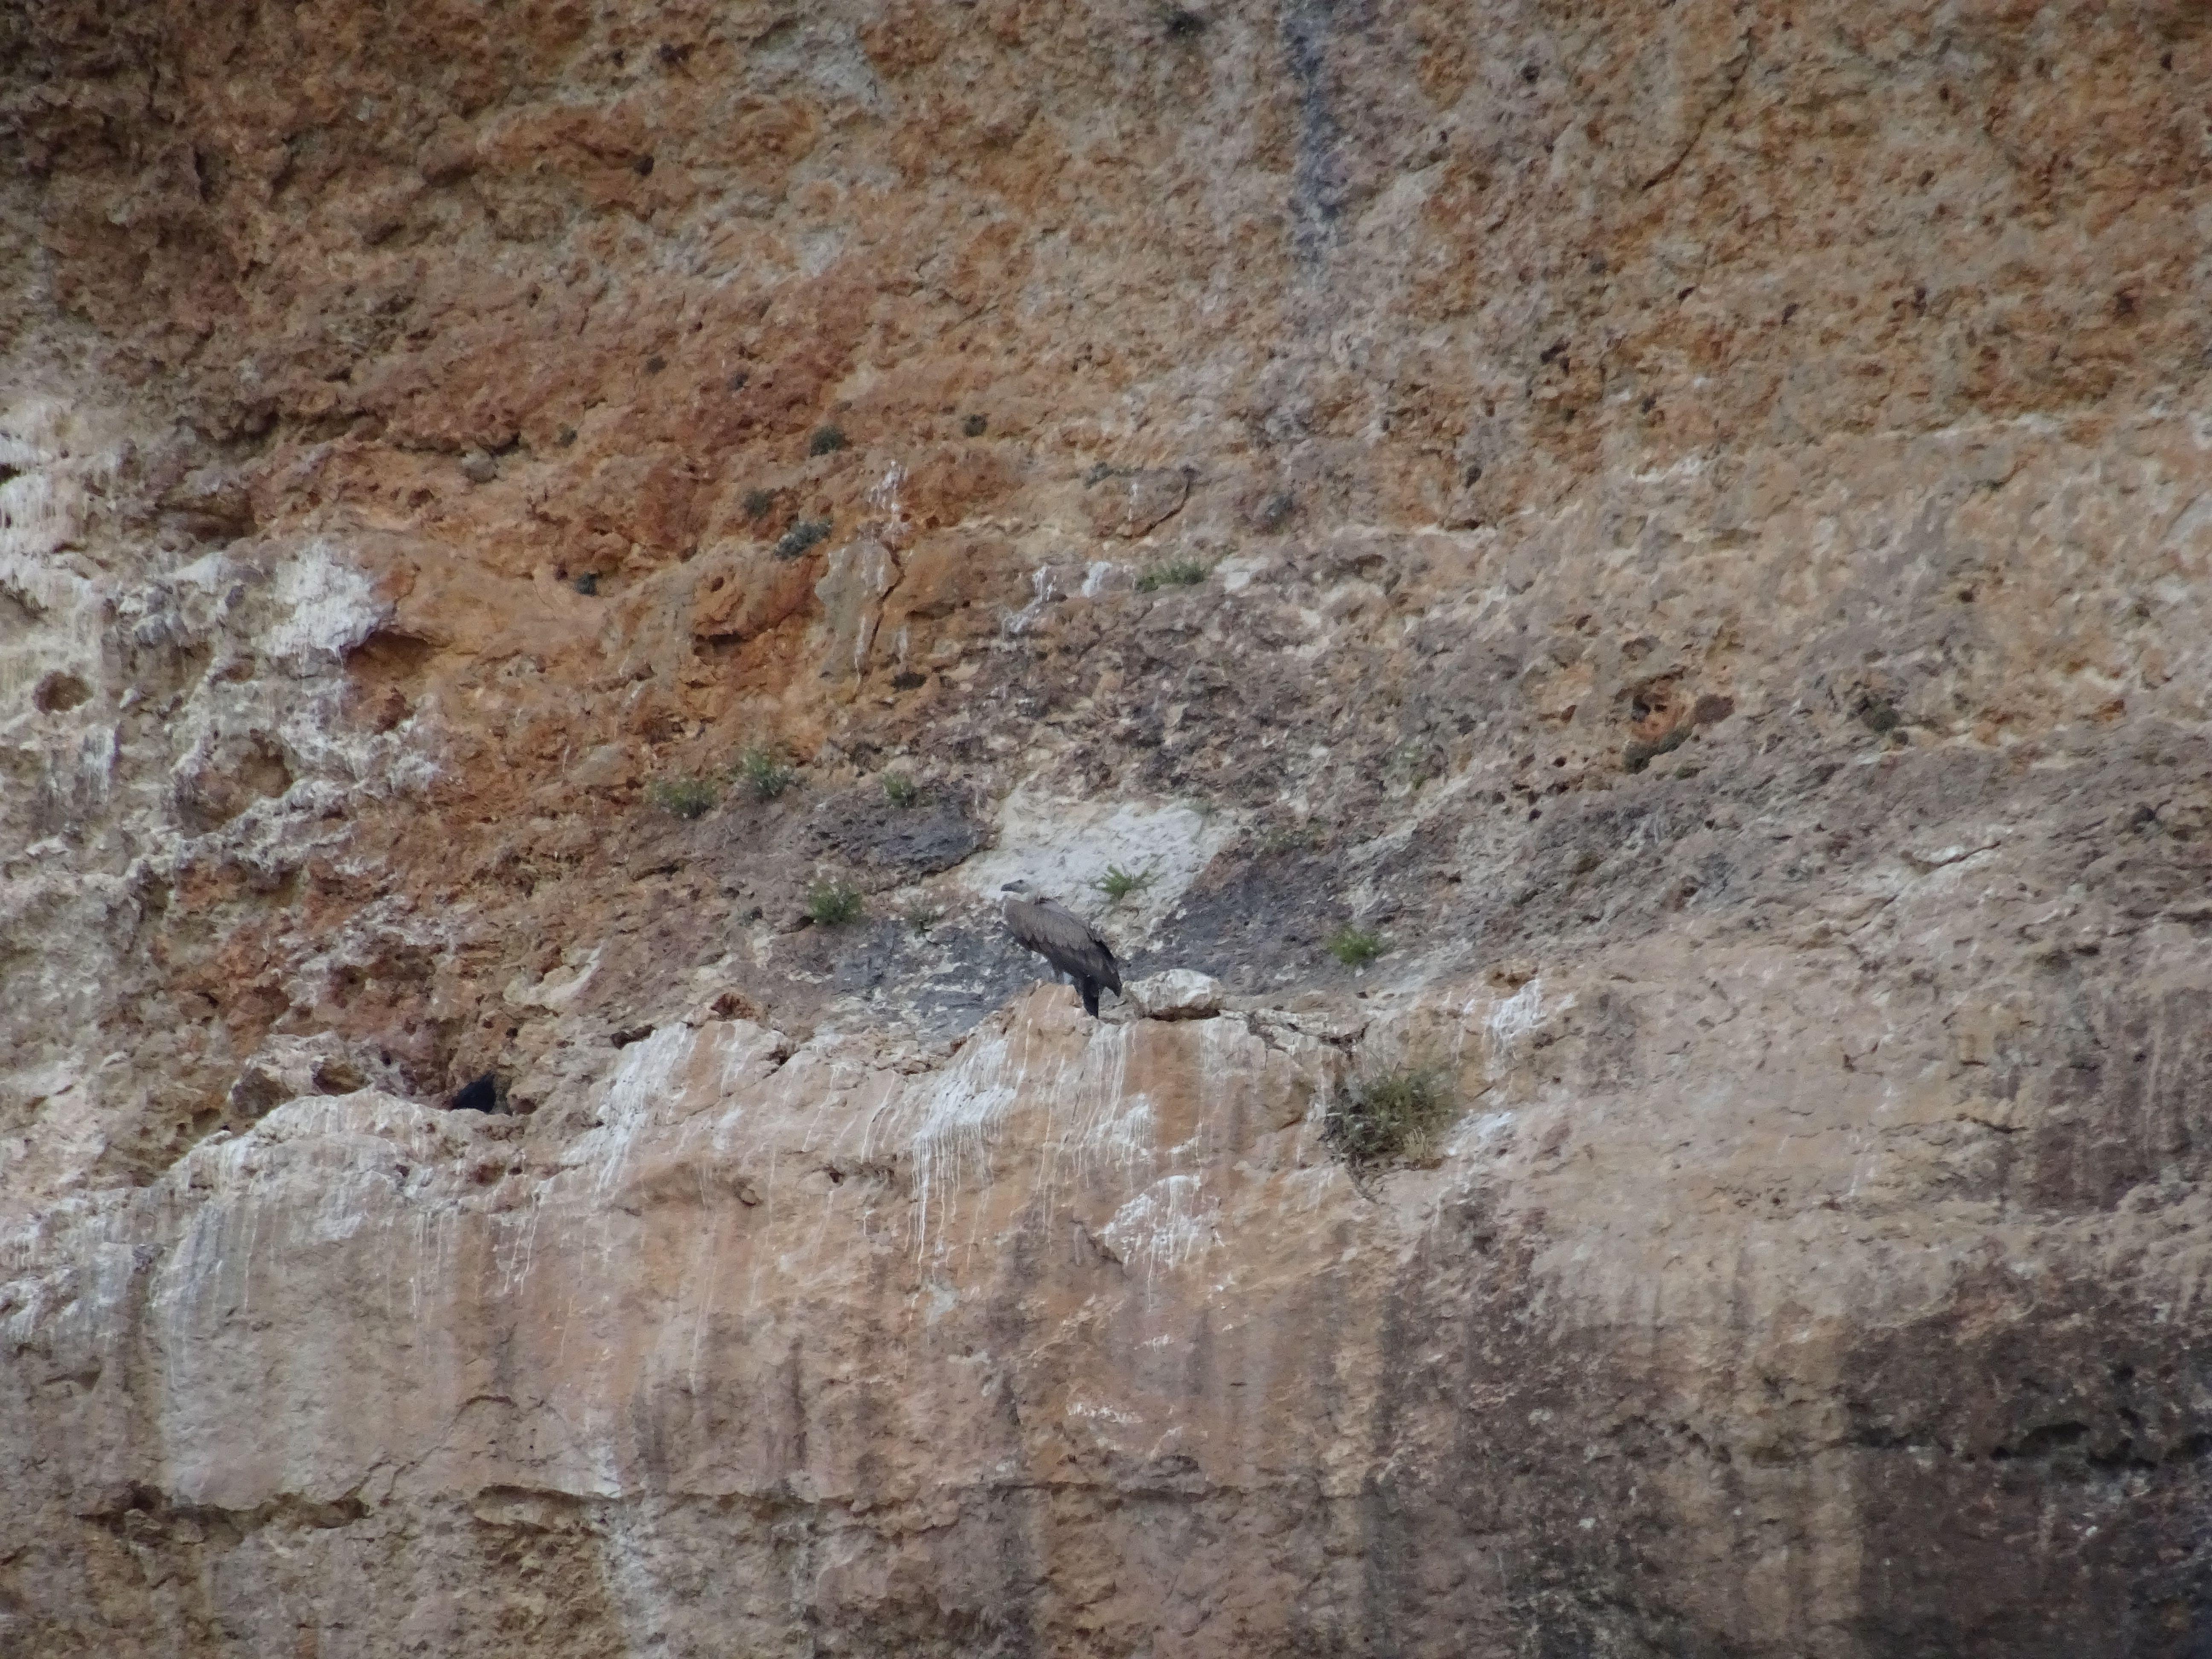 Un bello buitre leonado estira sus alas en un resalto de la roca, su pelaje es gris oscuro y destaca entre la caliza rojiza